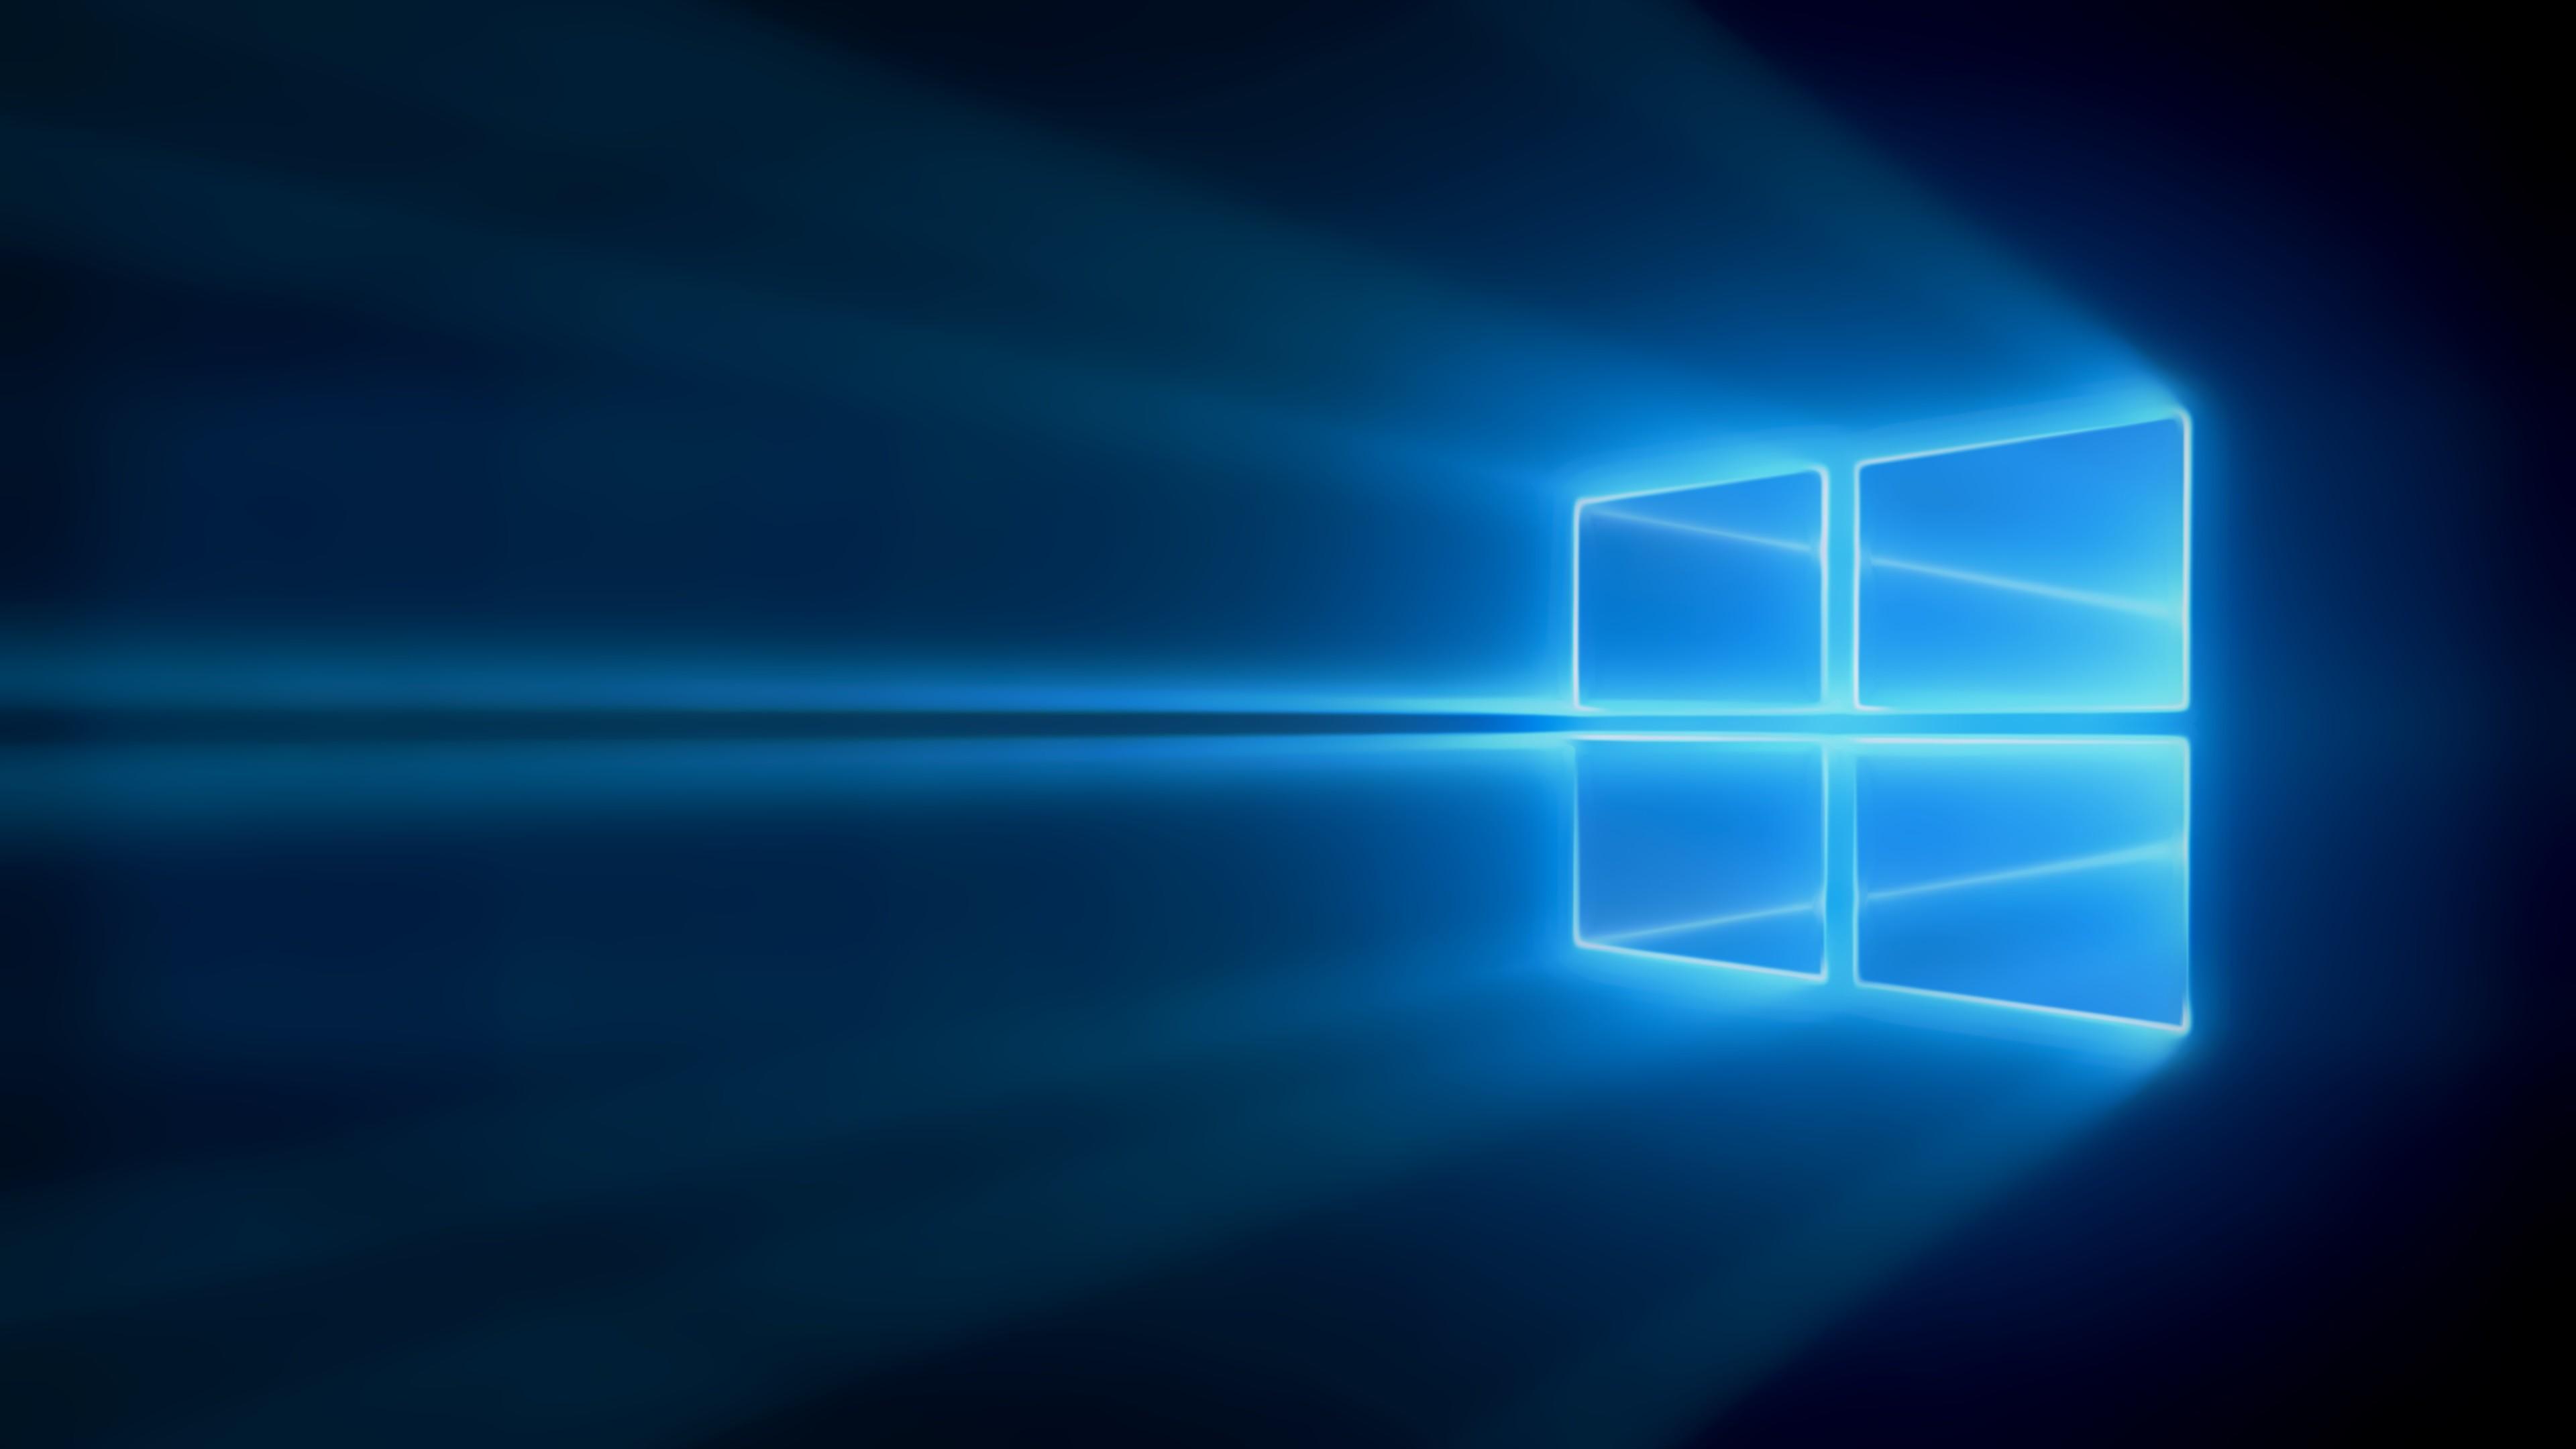 Wallpapers For Windows 10 Full Hd Vinnyoleo Vegetalinfo